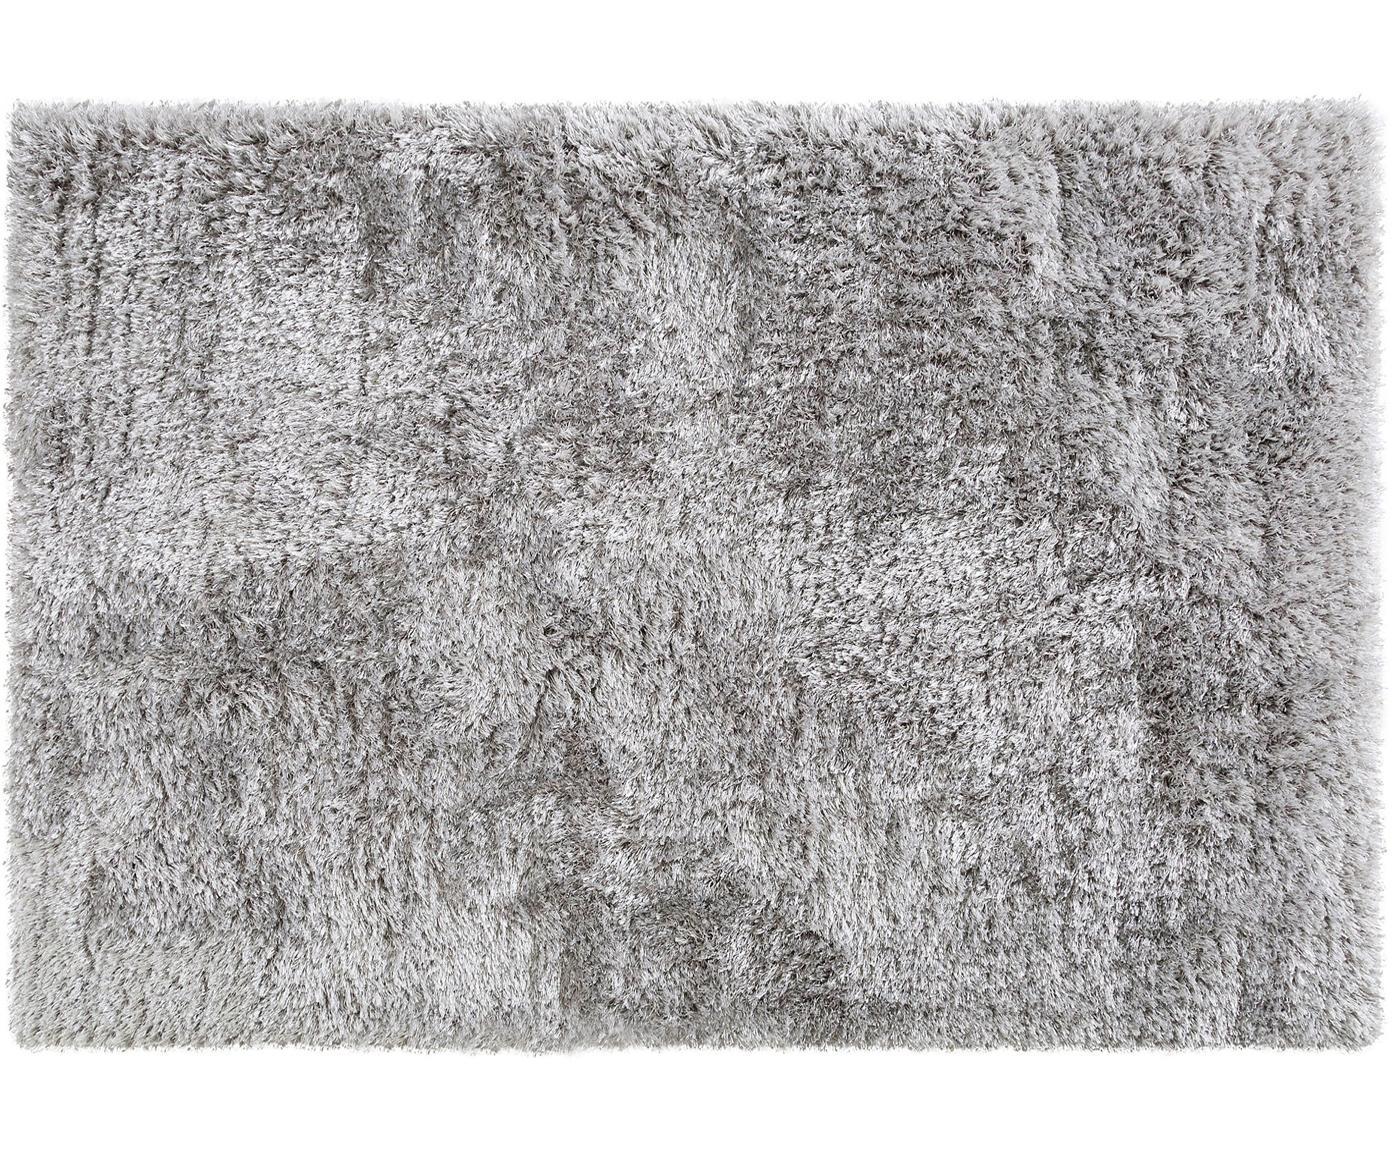 Dywan z wysokim stosem Lea, 50% poliester, 50% polipropylen, Szary, S 140 x D 200 cm (Rozmiar S)